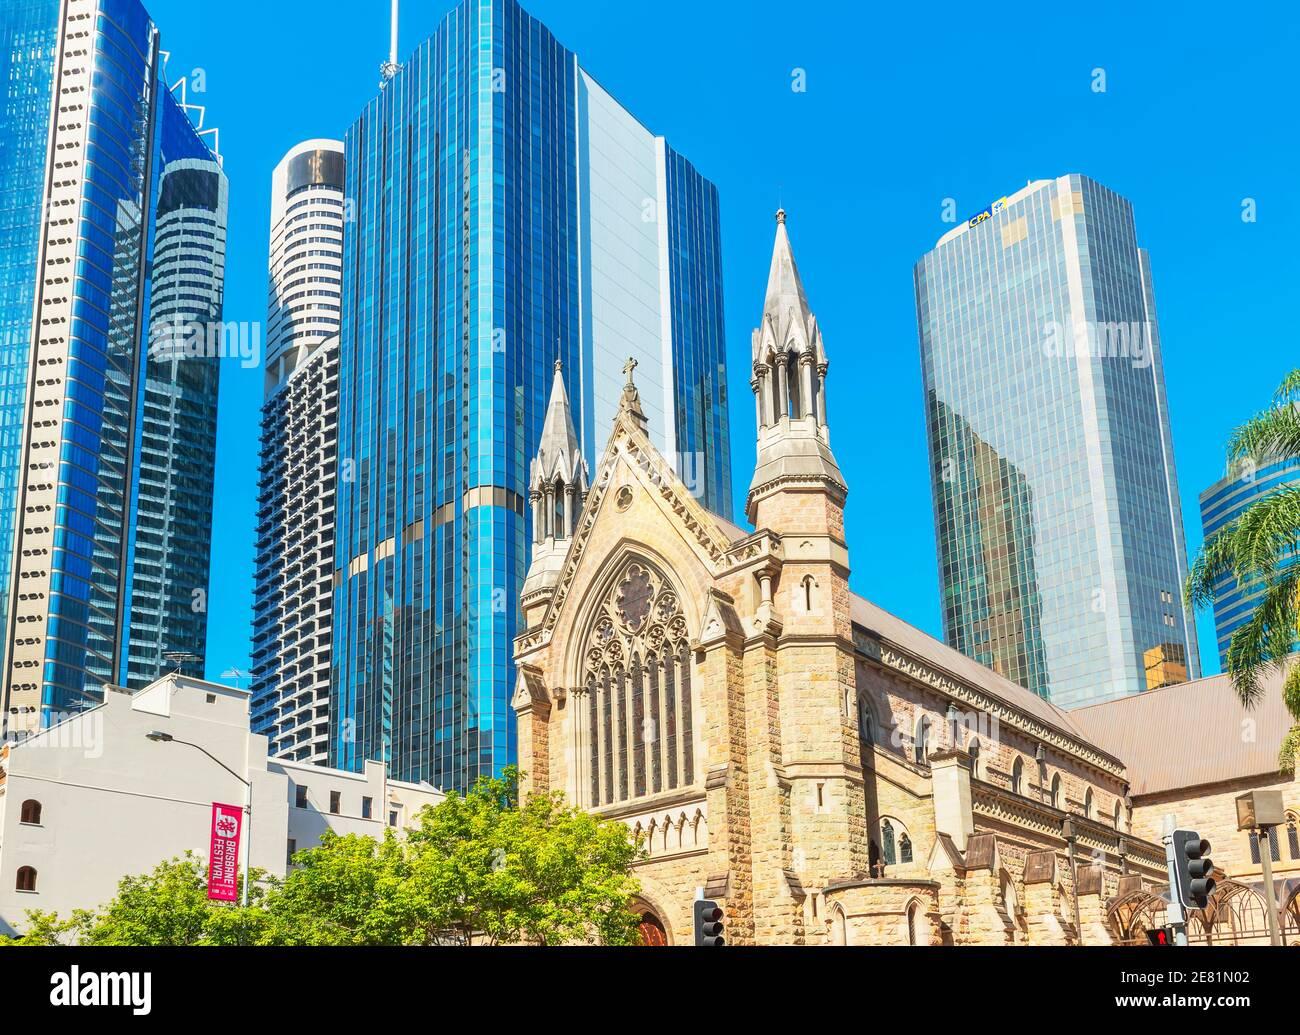 La cathédrale Saint-Étienne est naine par les gratte-ciel en verre, Brisbane, Queensland, Australie, Australasie Banque D'Images